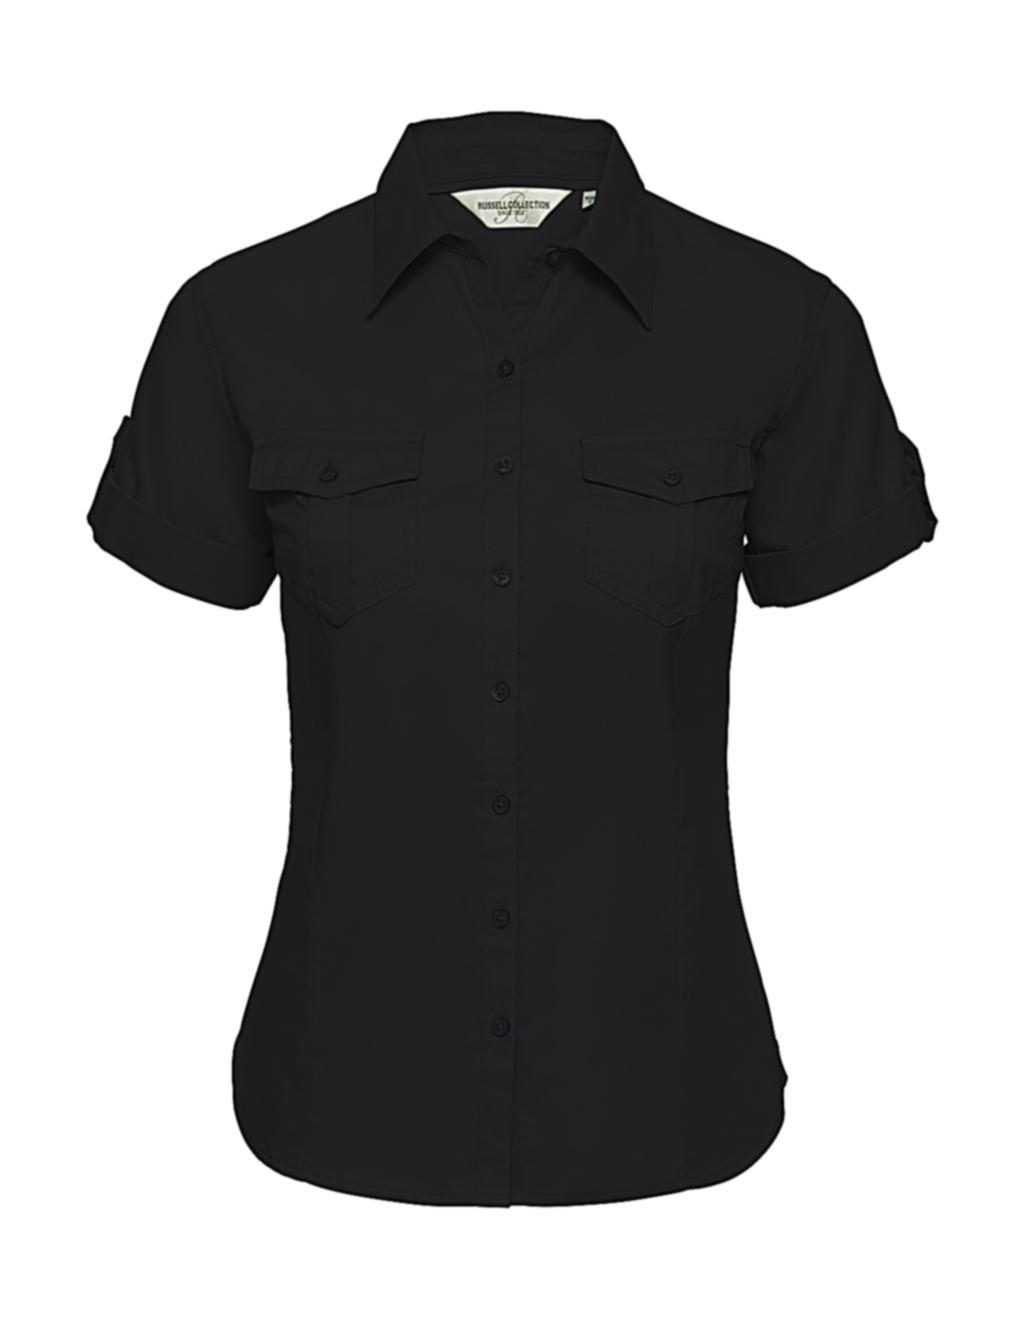 Dámská košile Roll Sleeve s krátkými rukávy - zvìtšit obrázek